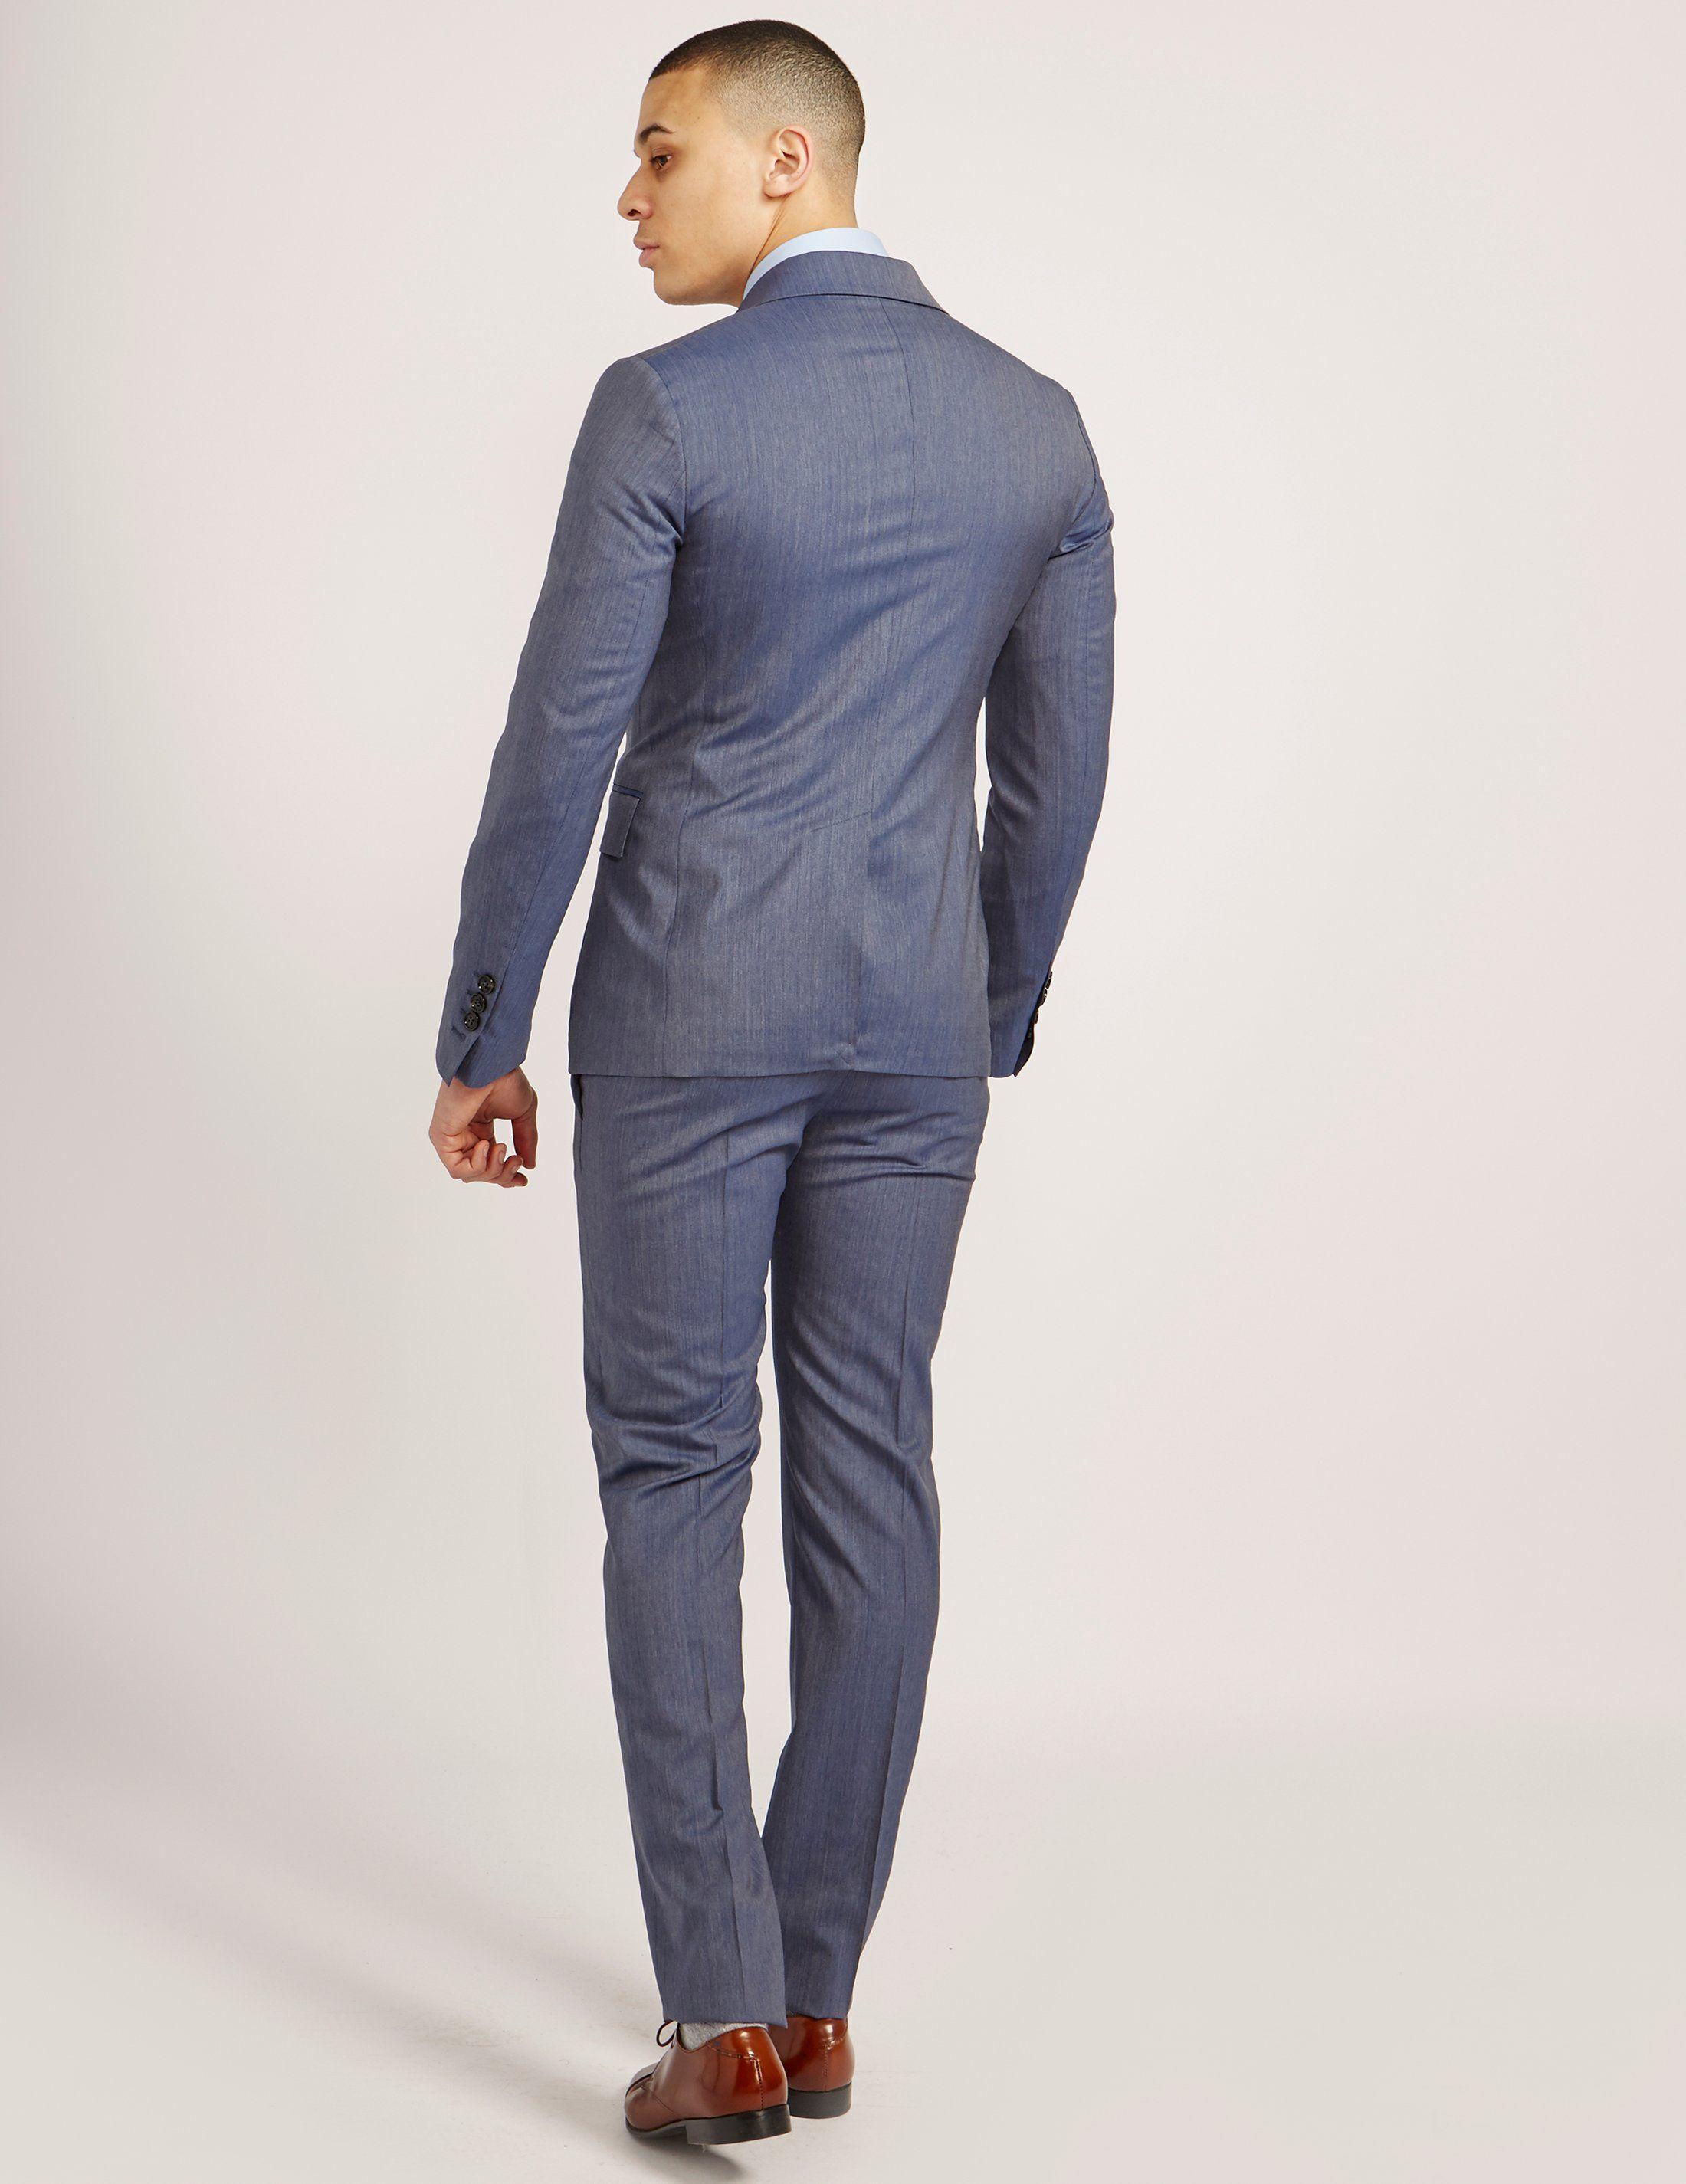 Vivienne Westwood James Suit